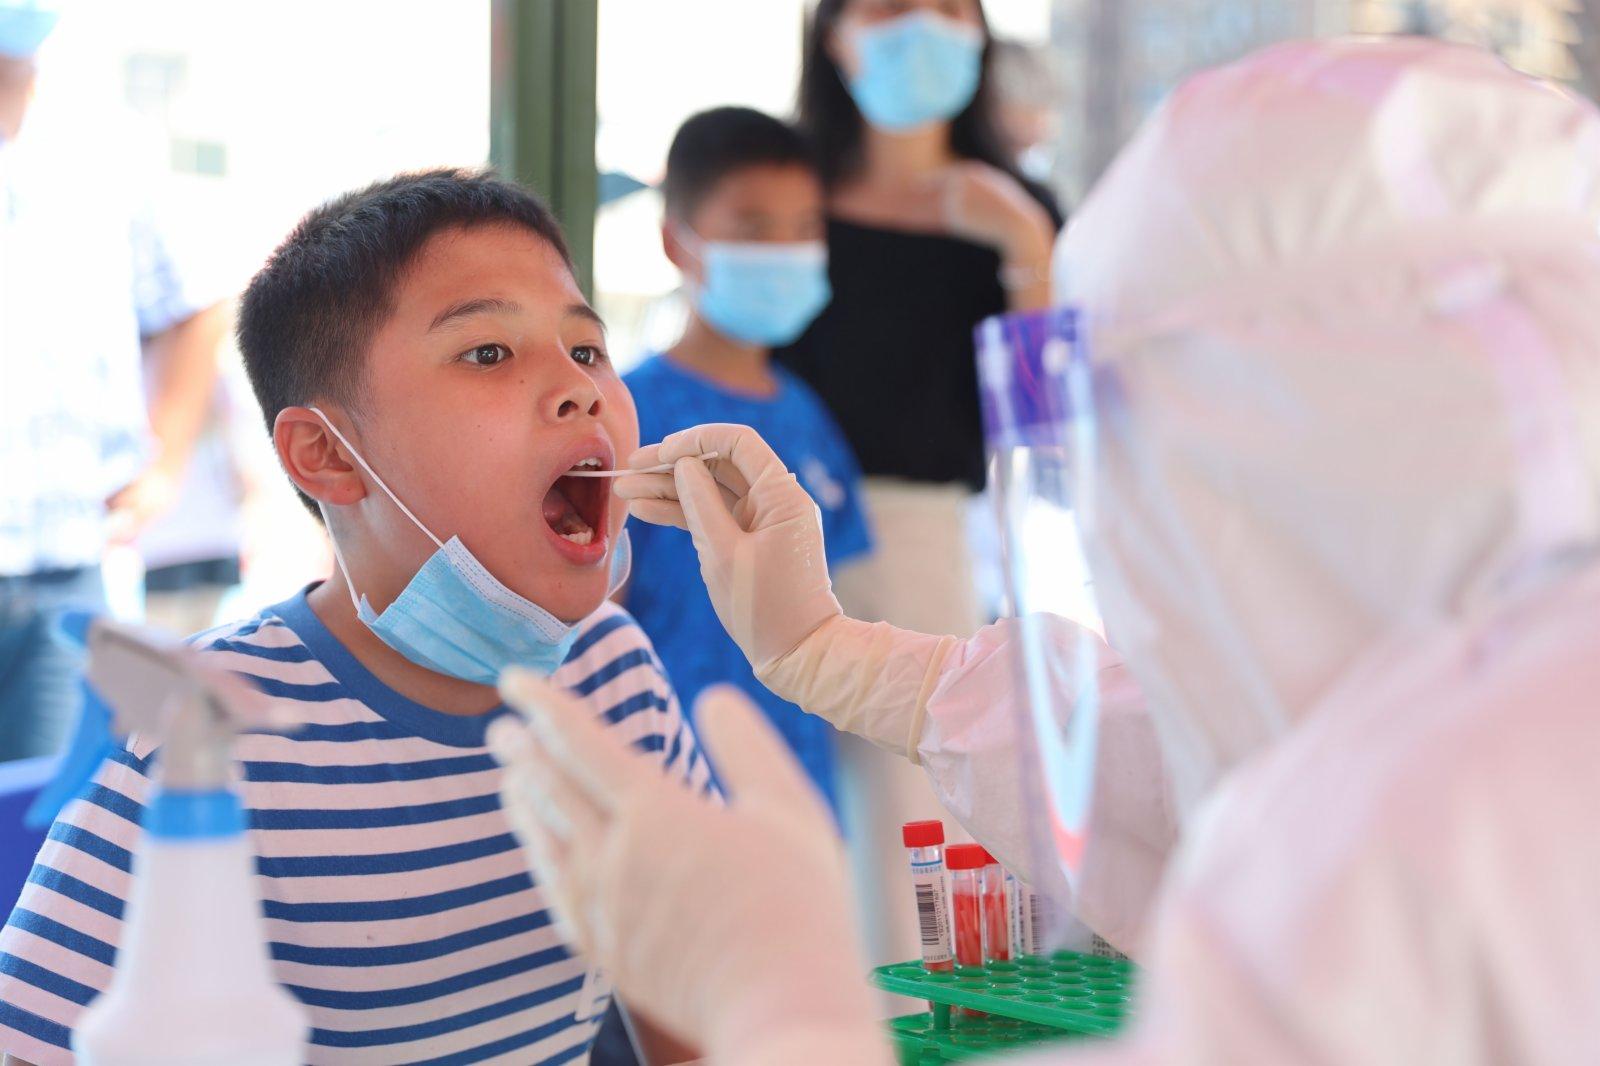 9月14日,在廈門市思明區篔簹街道金橋社區檢測點,醫務人員為小朋友進行核酸檢測採樣。(新華社)